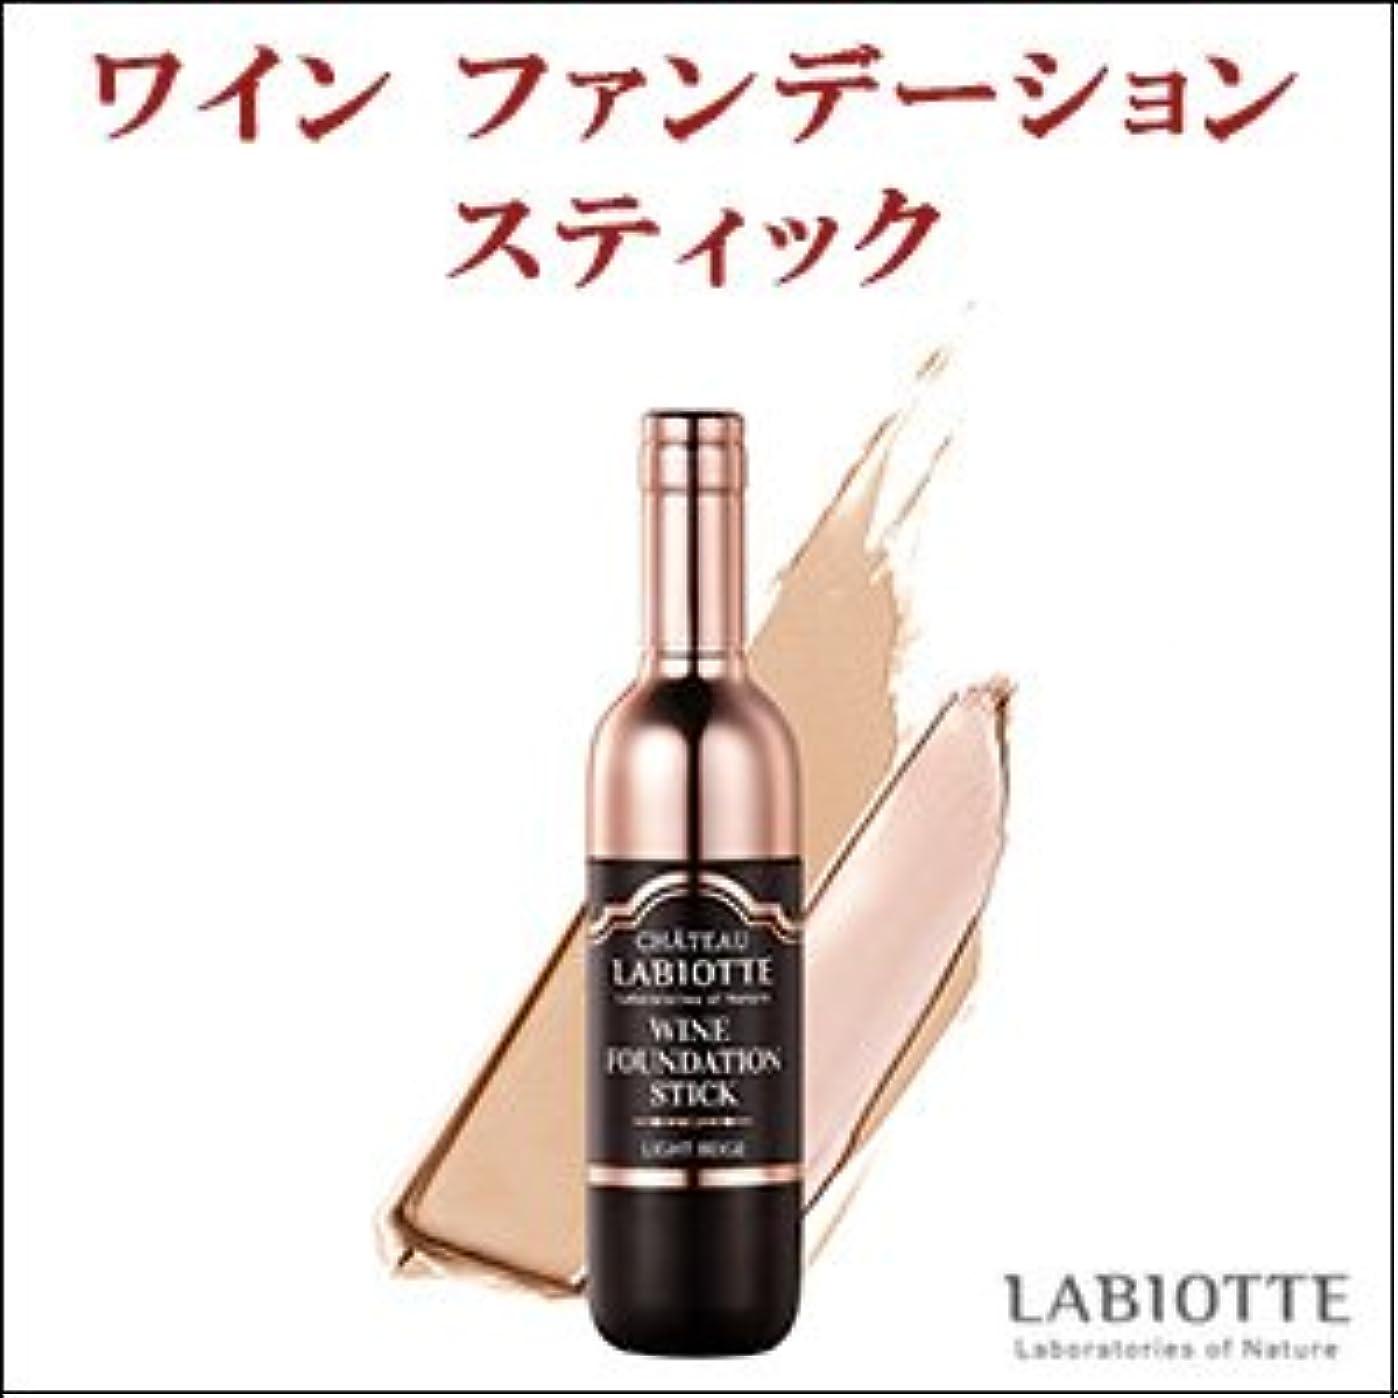 製造業クリスマスメッセンジャーLABIOTTE シャトー ラビオッテ ワイン ファンデーション スティック カラー:P21 ピンクベージュ